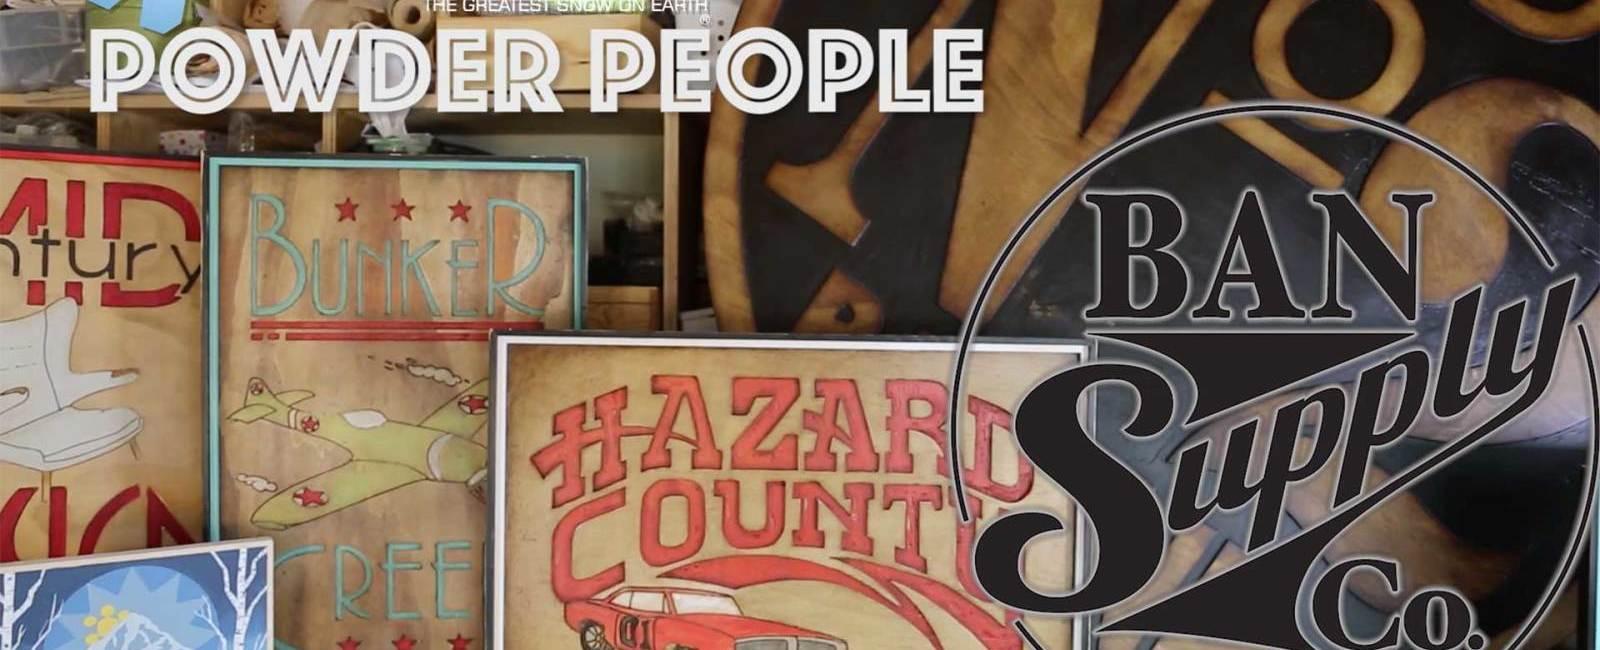 BAN Supply Co. - Ski Utah Powder People